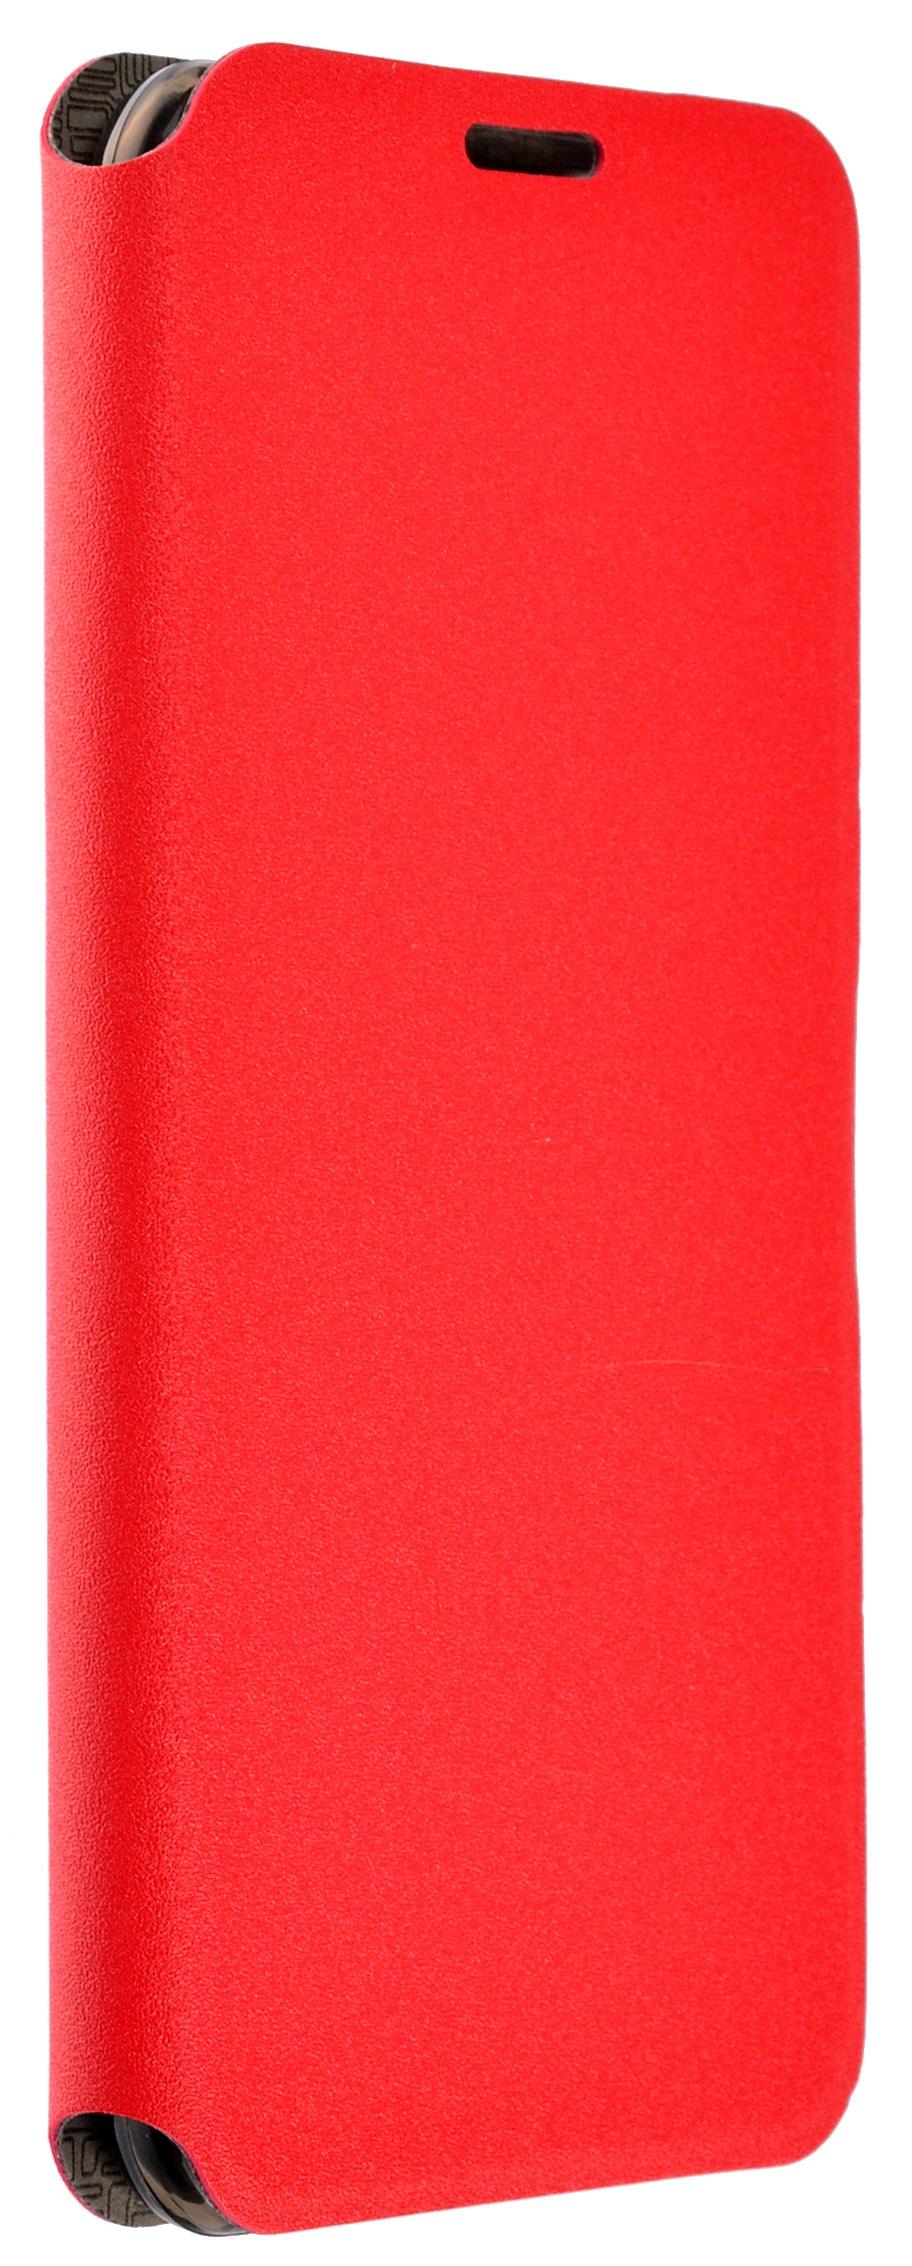 Чехол для сотового телефона PRIME Book, 4630042523609, красный чехол для сотового телефона prime book 4630042523708 красный